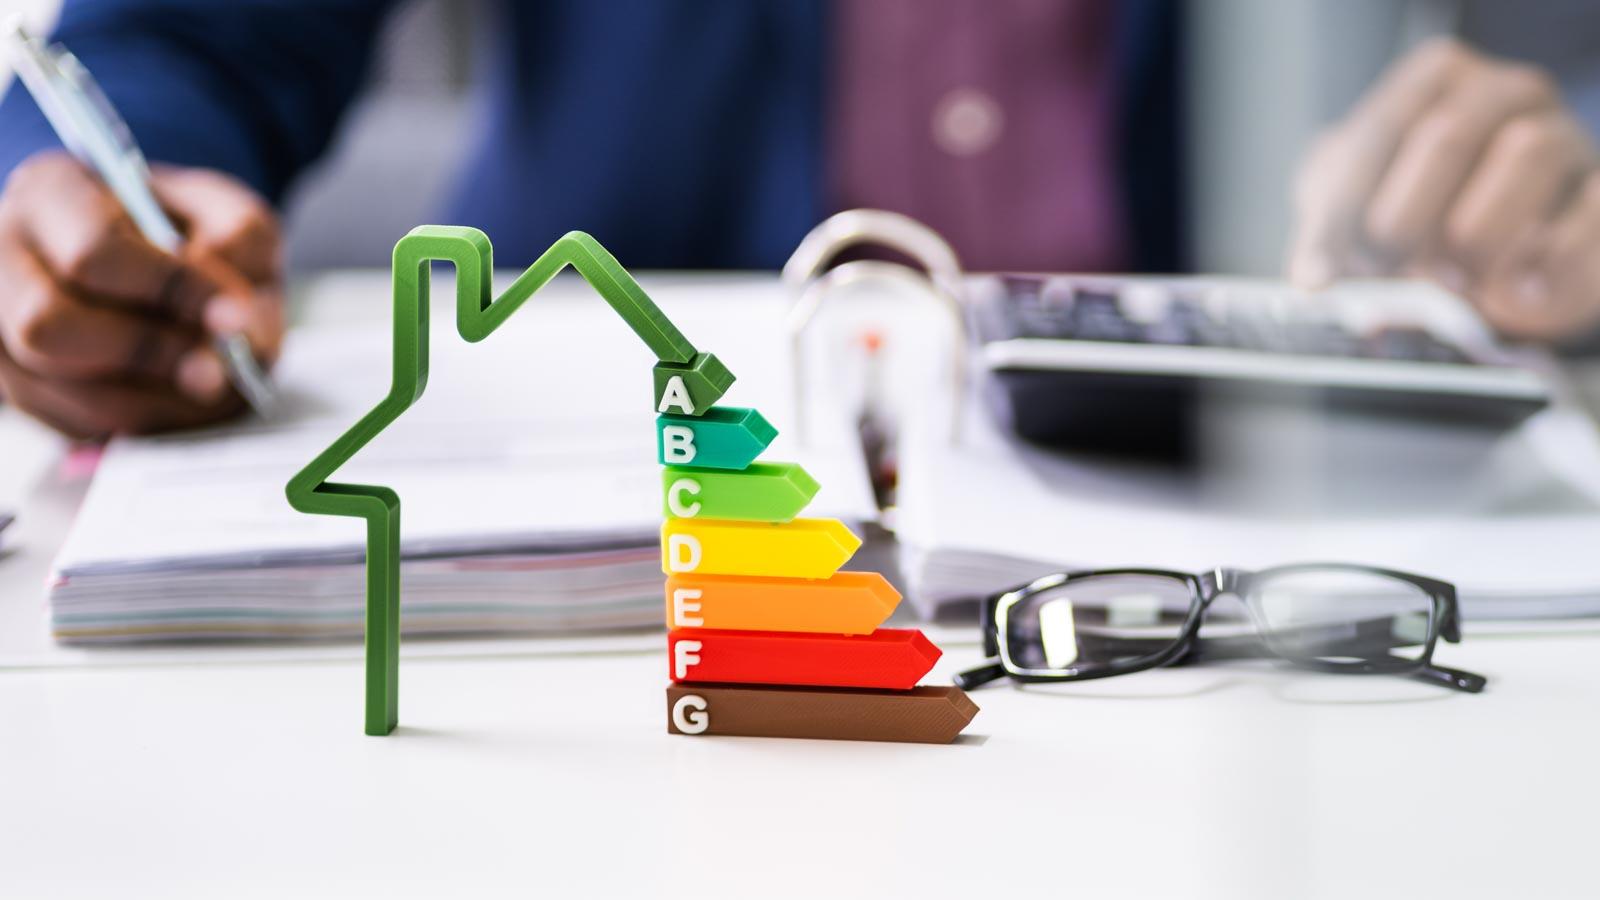 Nahaufnahme mit Hausmodell, Energieeffiziens-Skala, Brille und Person mit Kugenlschreiber, Aktenordner und Taschenrechner